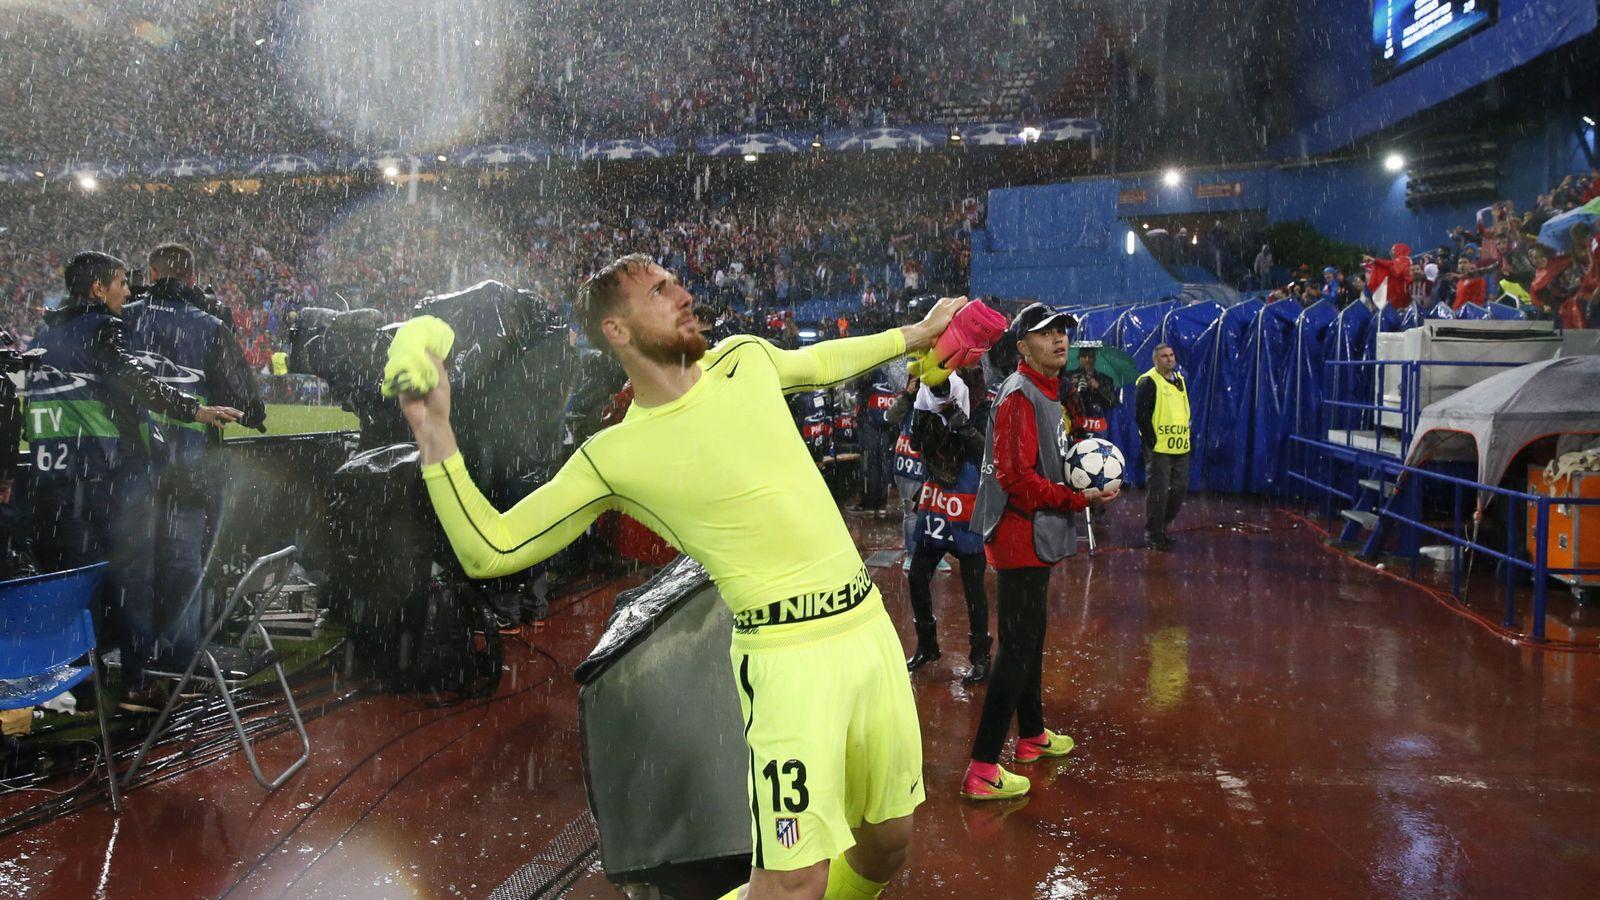 a736fe11c23be LaLiga Santander  Dónde acaba la camiseta de un futbolista  de la barra  libre del Barça al límite del Atlético